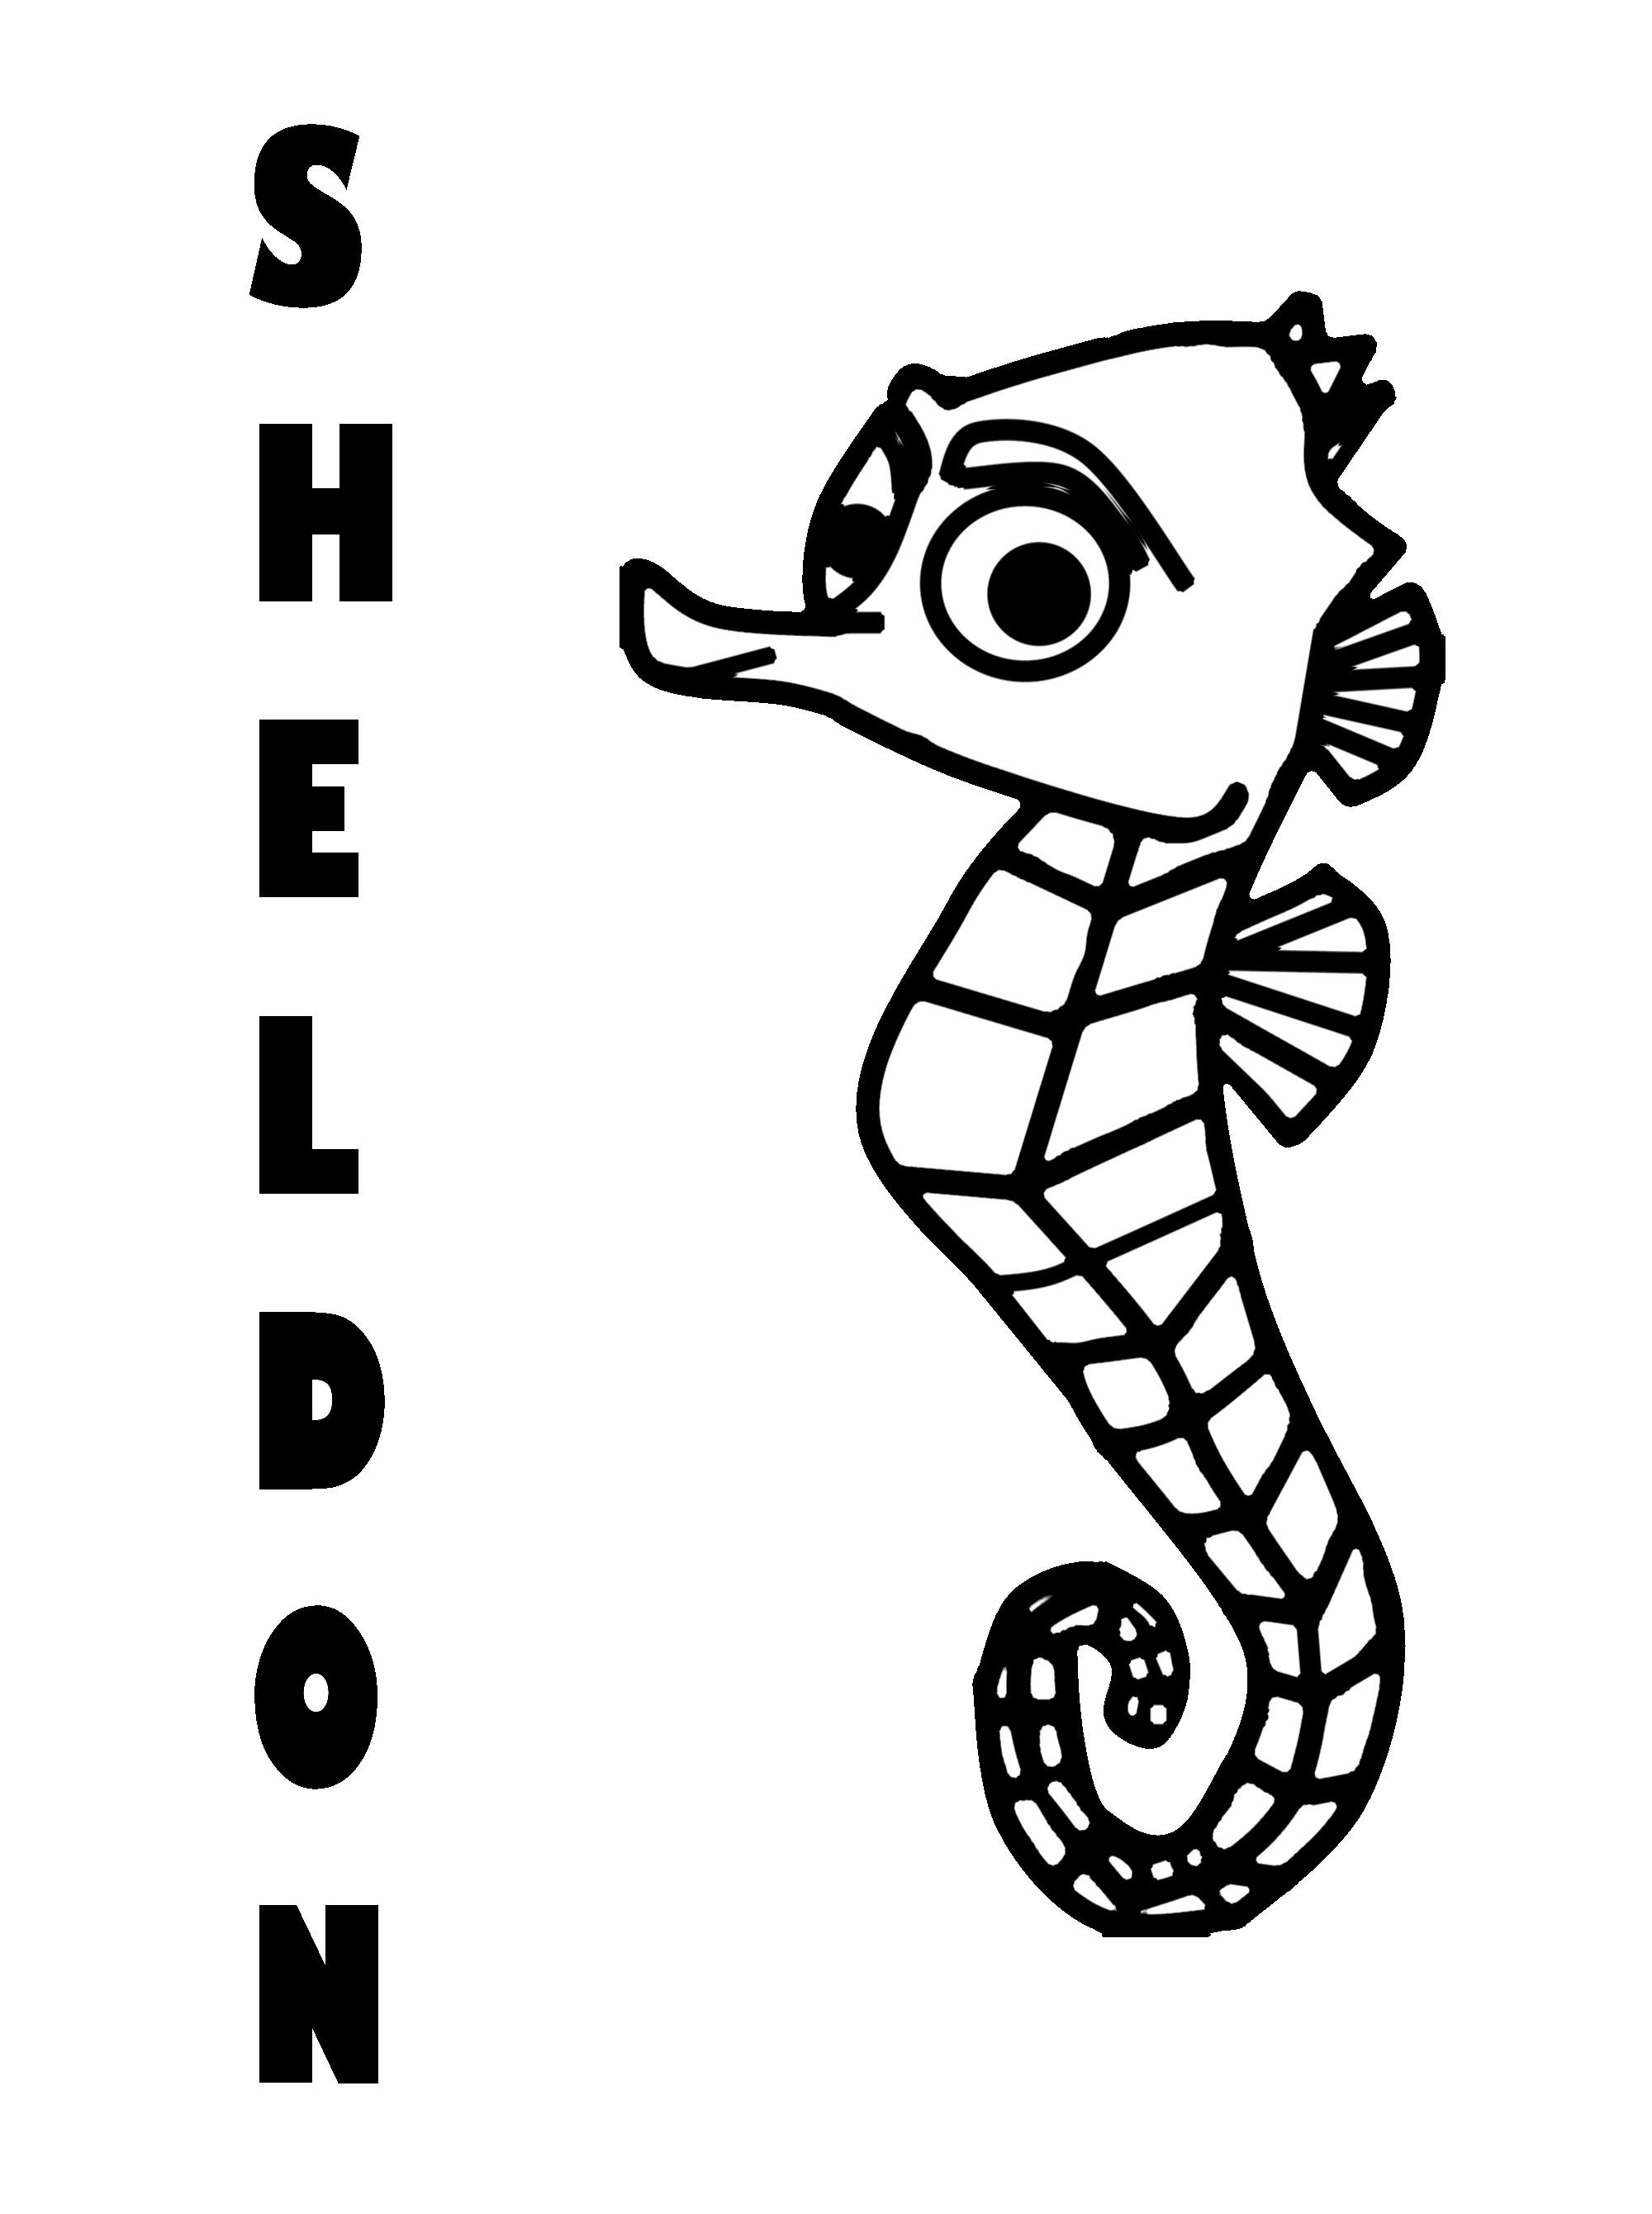 Шелдон, морской конек Скачать новые раскраски цветы